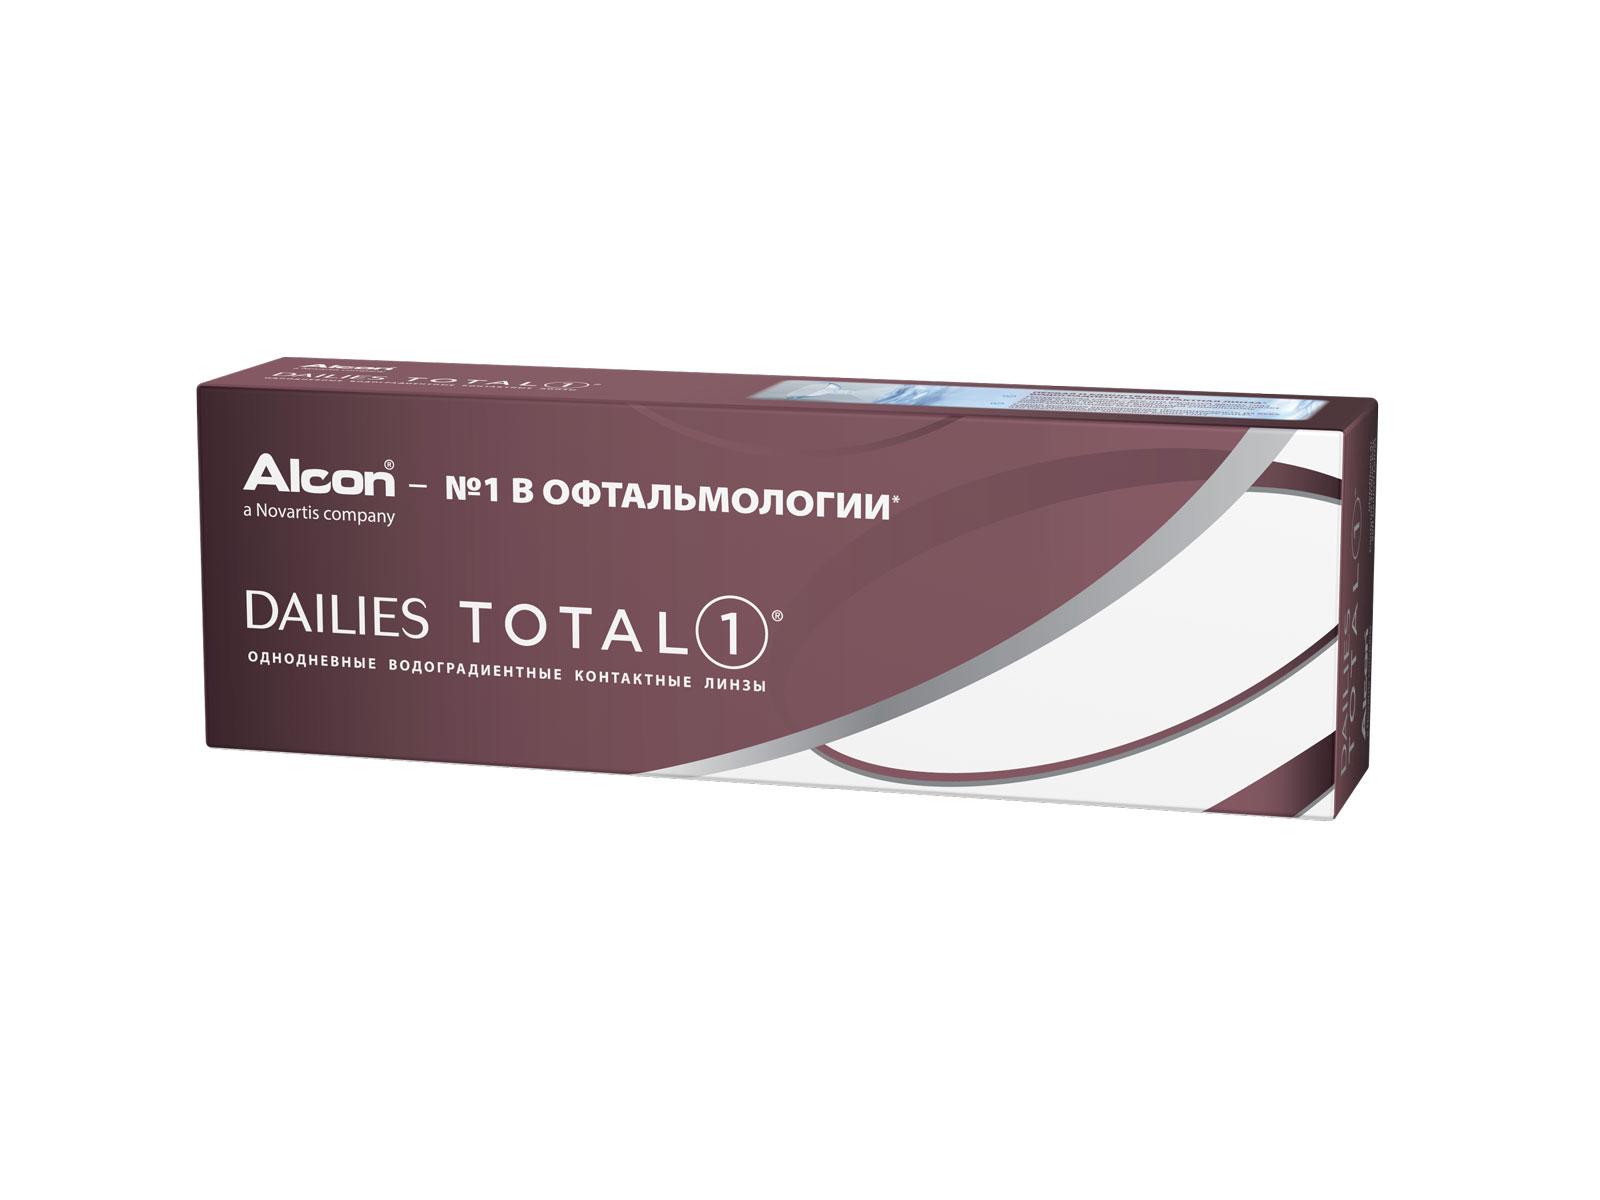 Alcon контактные линзы Dailies Total 1 30pk /+2.00 / 8.5 / 14.1100001906Dailies Total 1 – линзы, которые не чувствуешь с утра и до поздного вечера. Эти однодневные контактные линзы выполнены из уникального водоградиентного материала, багодаря которому натуральная слеза – это все, что касается ваших глаз. Почти 100% влаги на поверхности обеспечивают непревзойденный комфорт до 16 часов ношения.